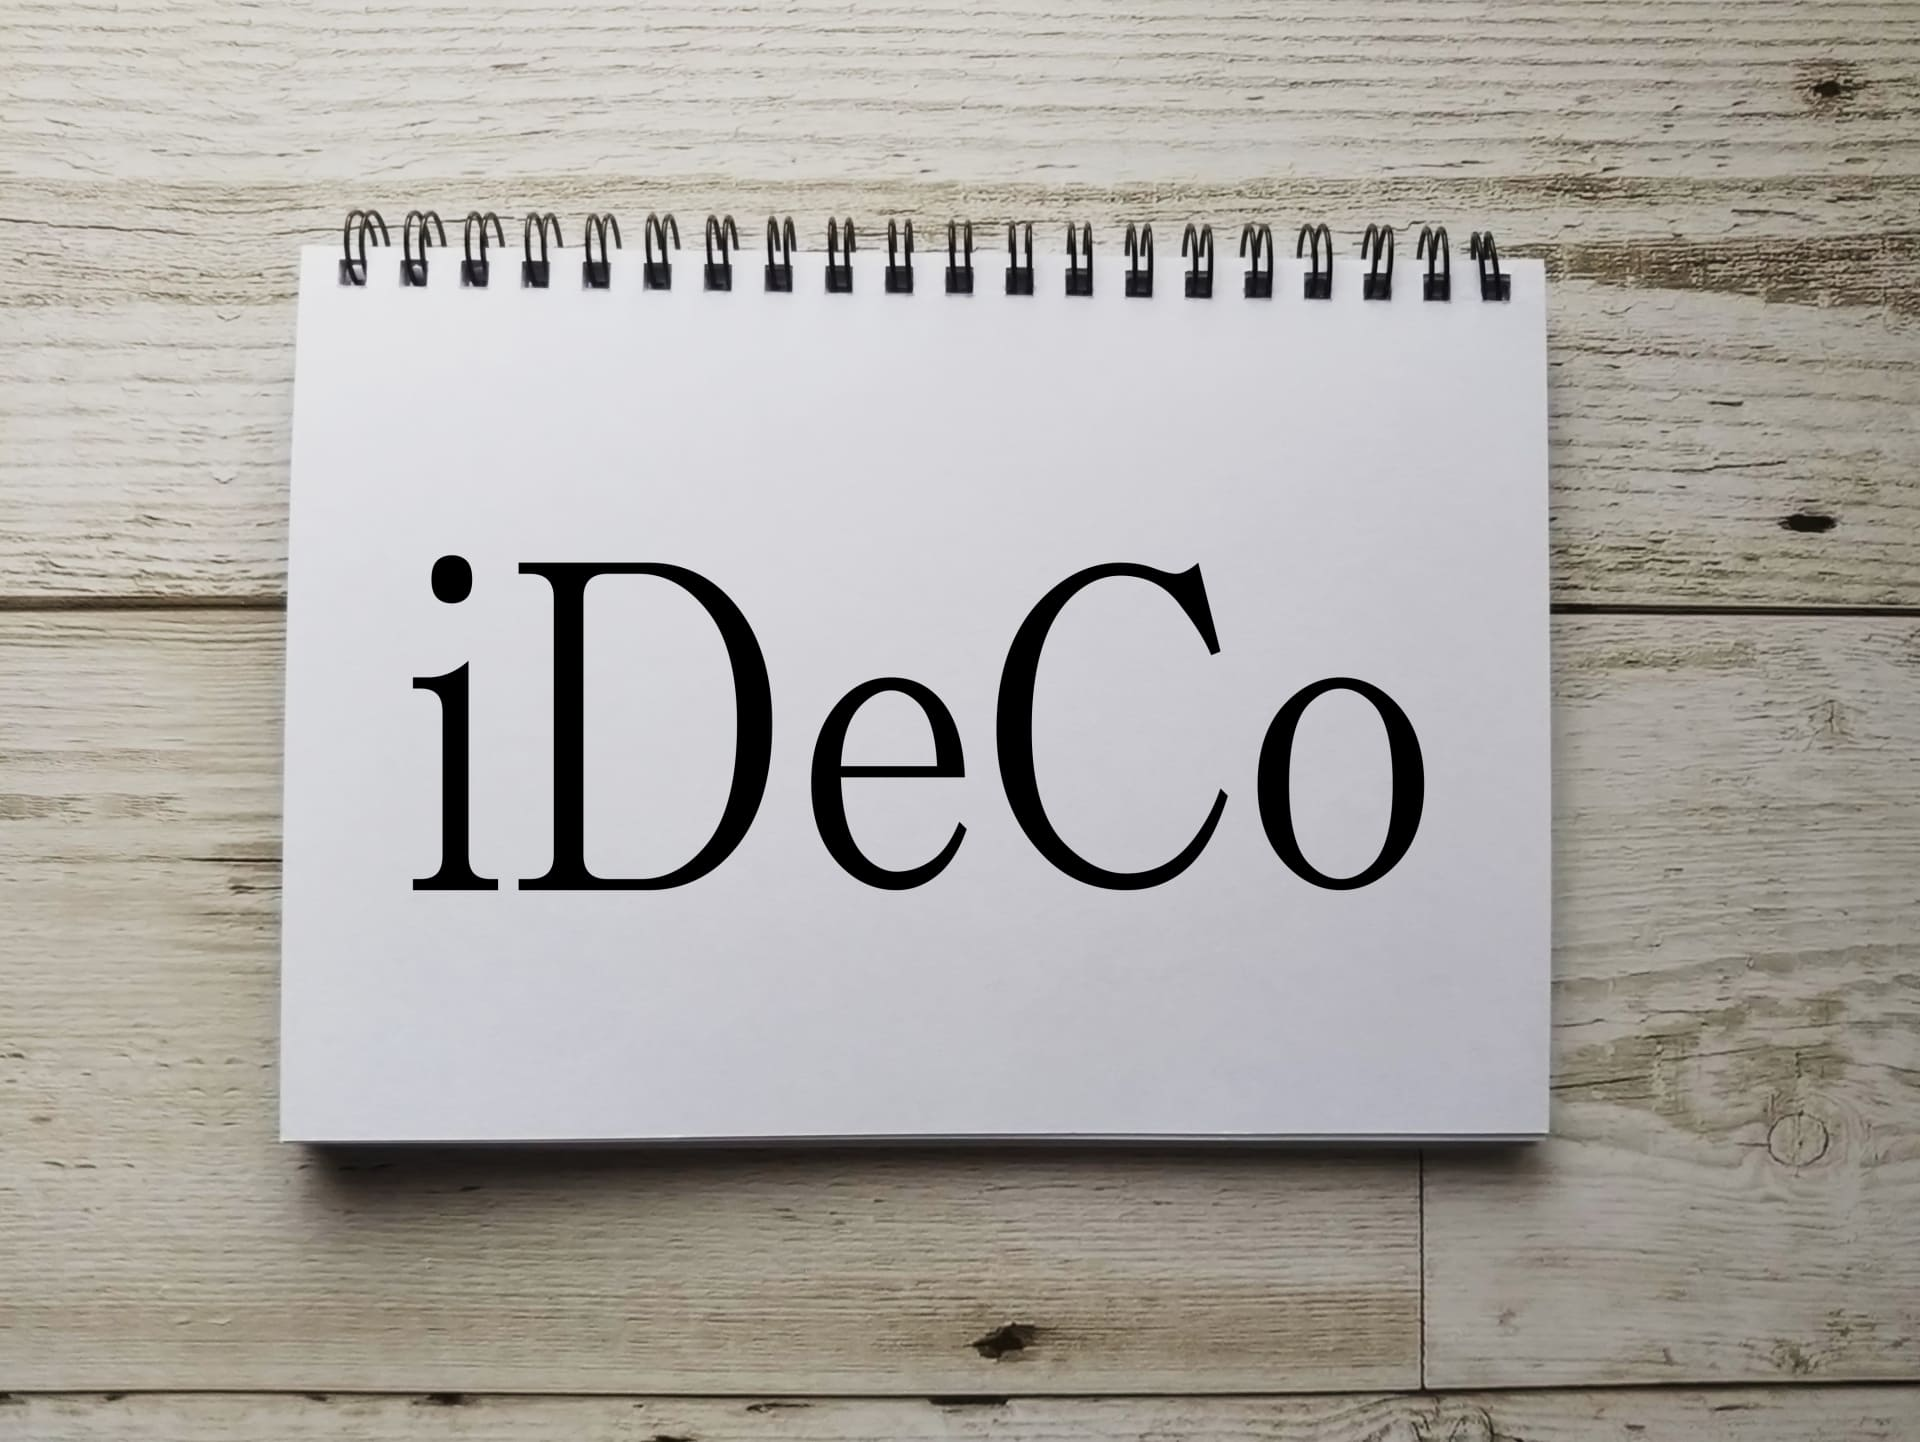 人気のiDeCoに潜む、初心者が知らないとまずい5つの落とし穴